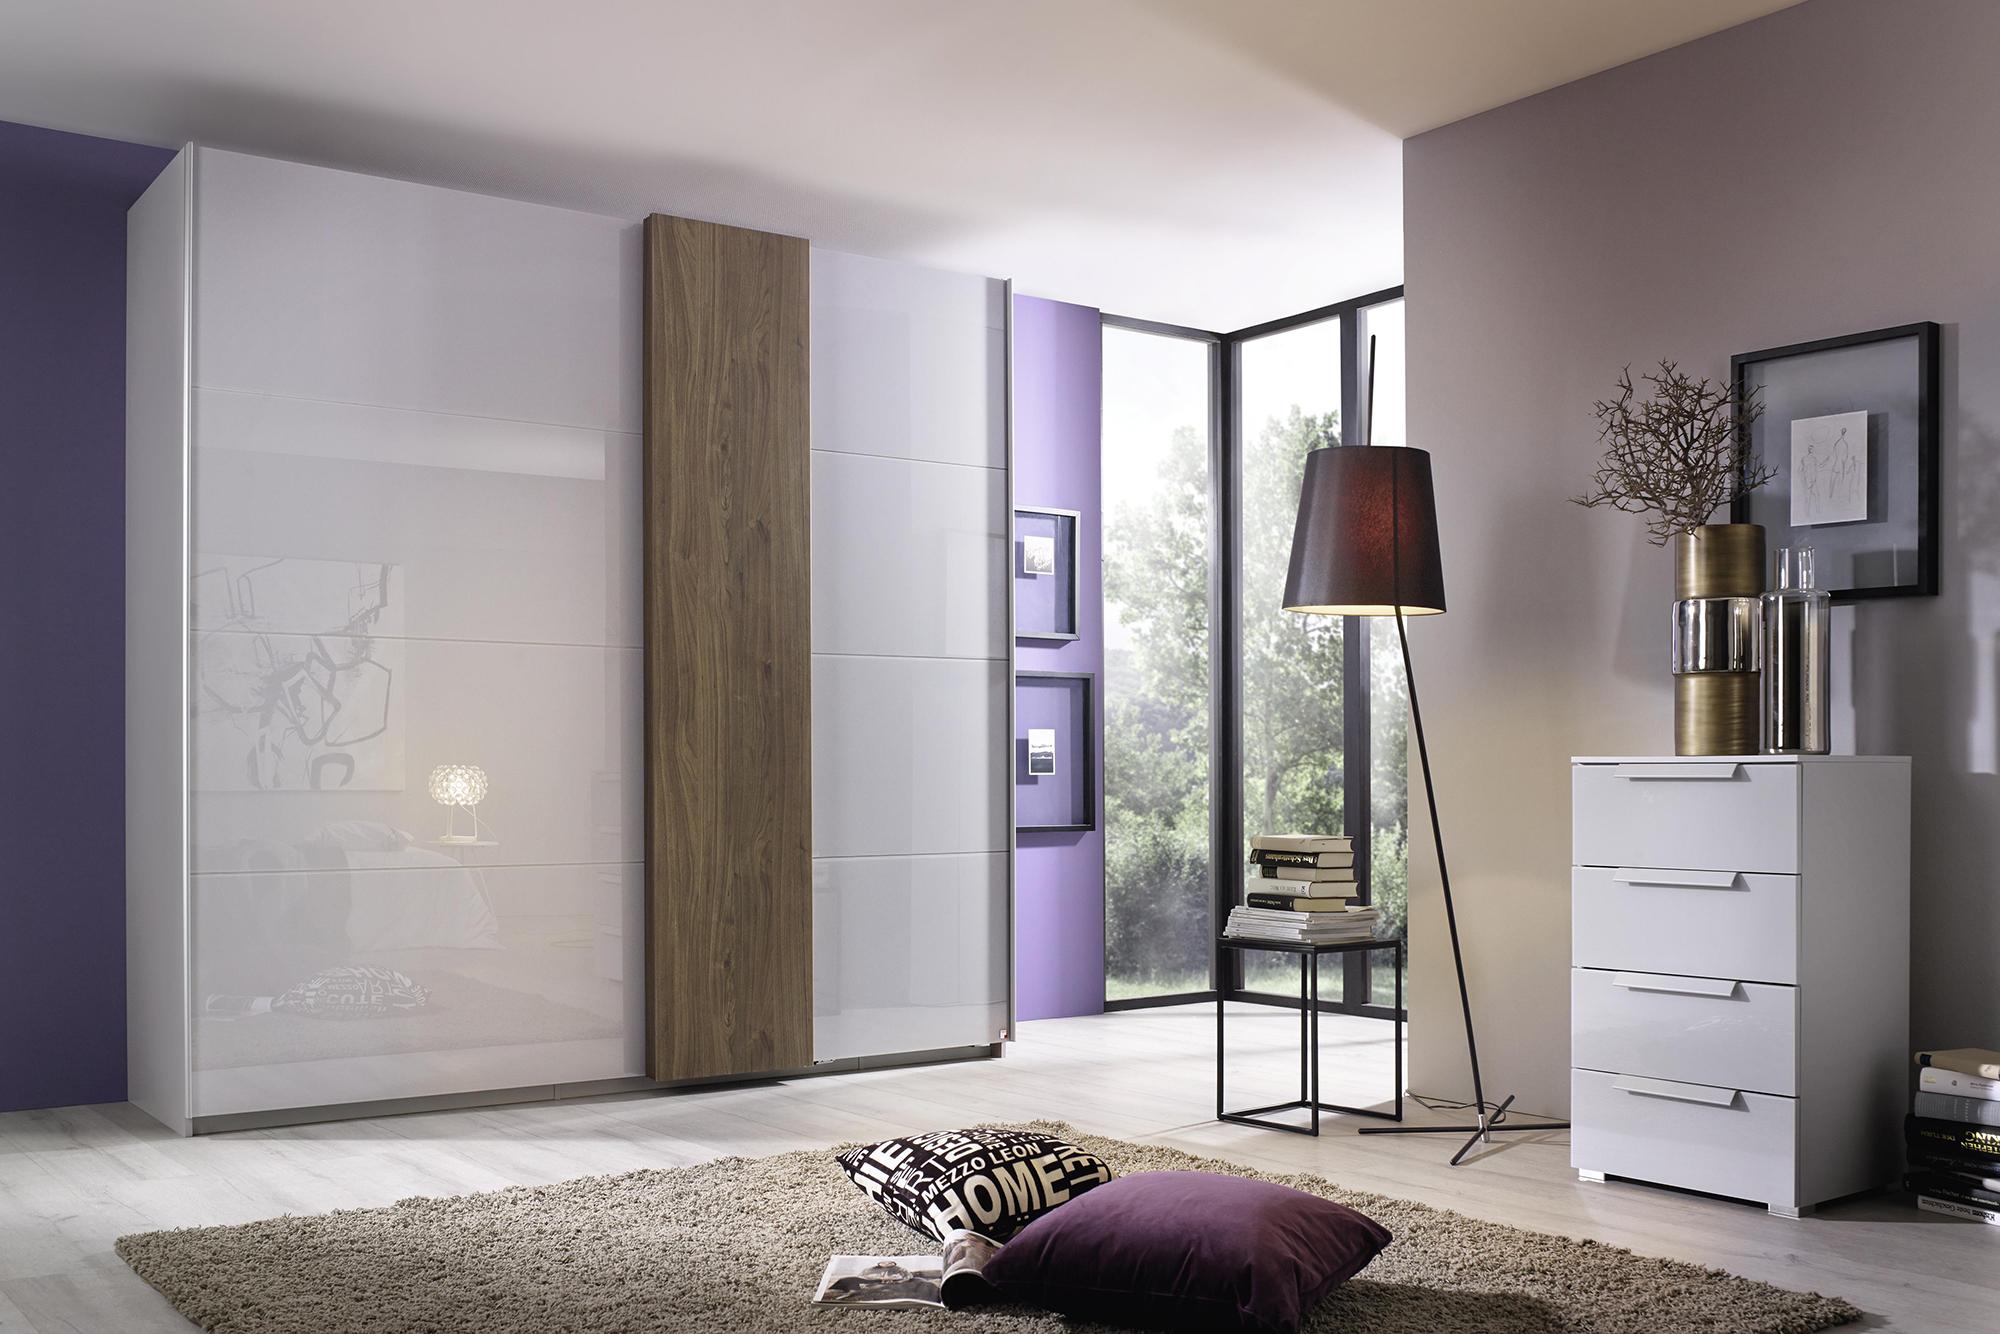 Luxe Kledingkast Met Zweefdeuren En Sieraden Opbergplaats